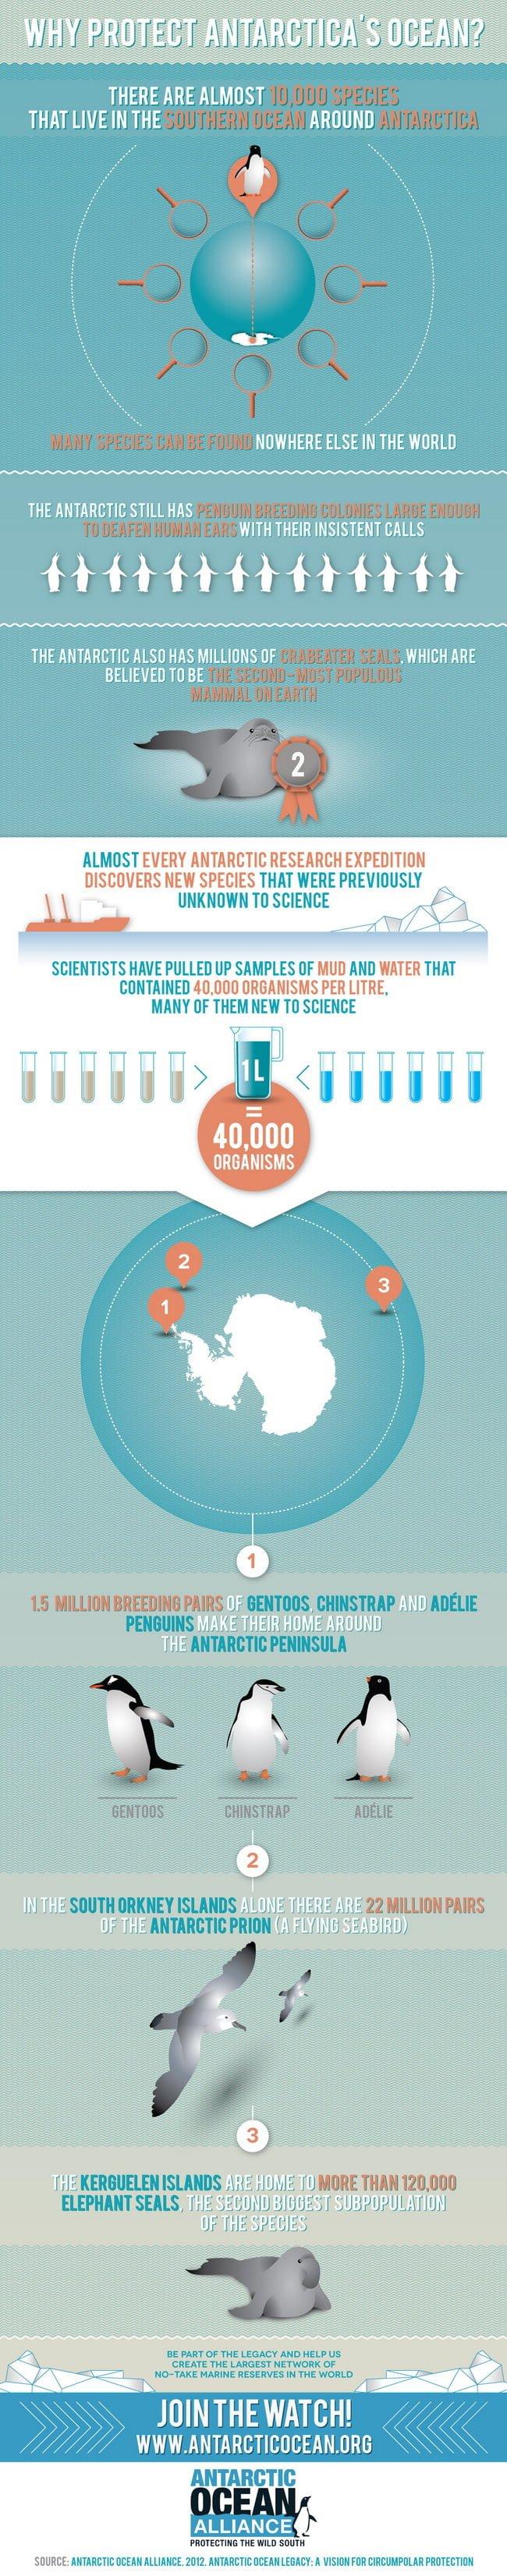 deniz-kultur - antartikayı korumalıyız - Antartika Neden Korunmalıdır